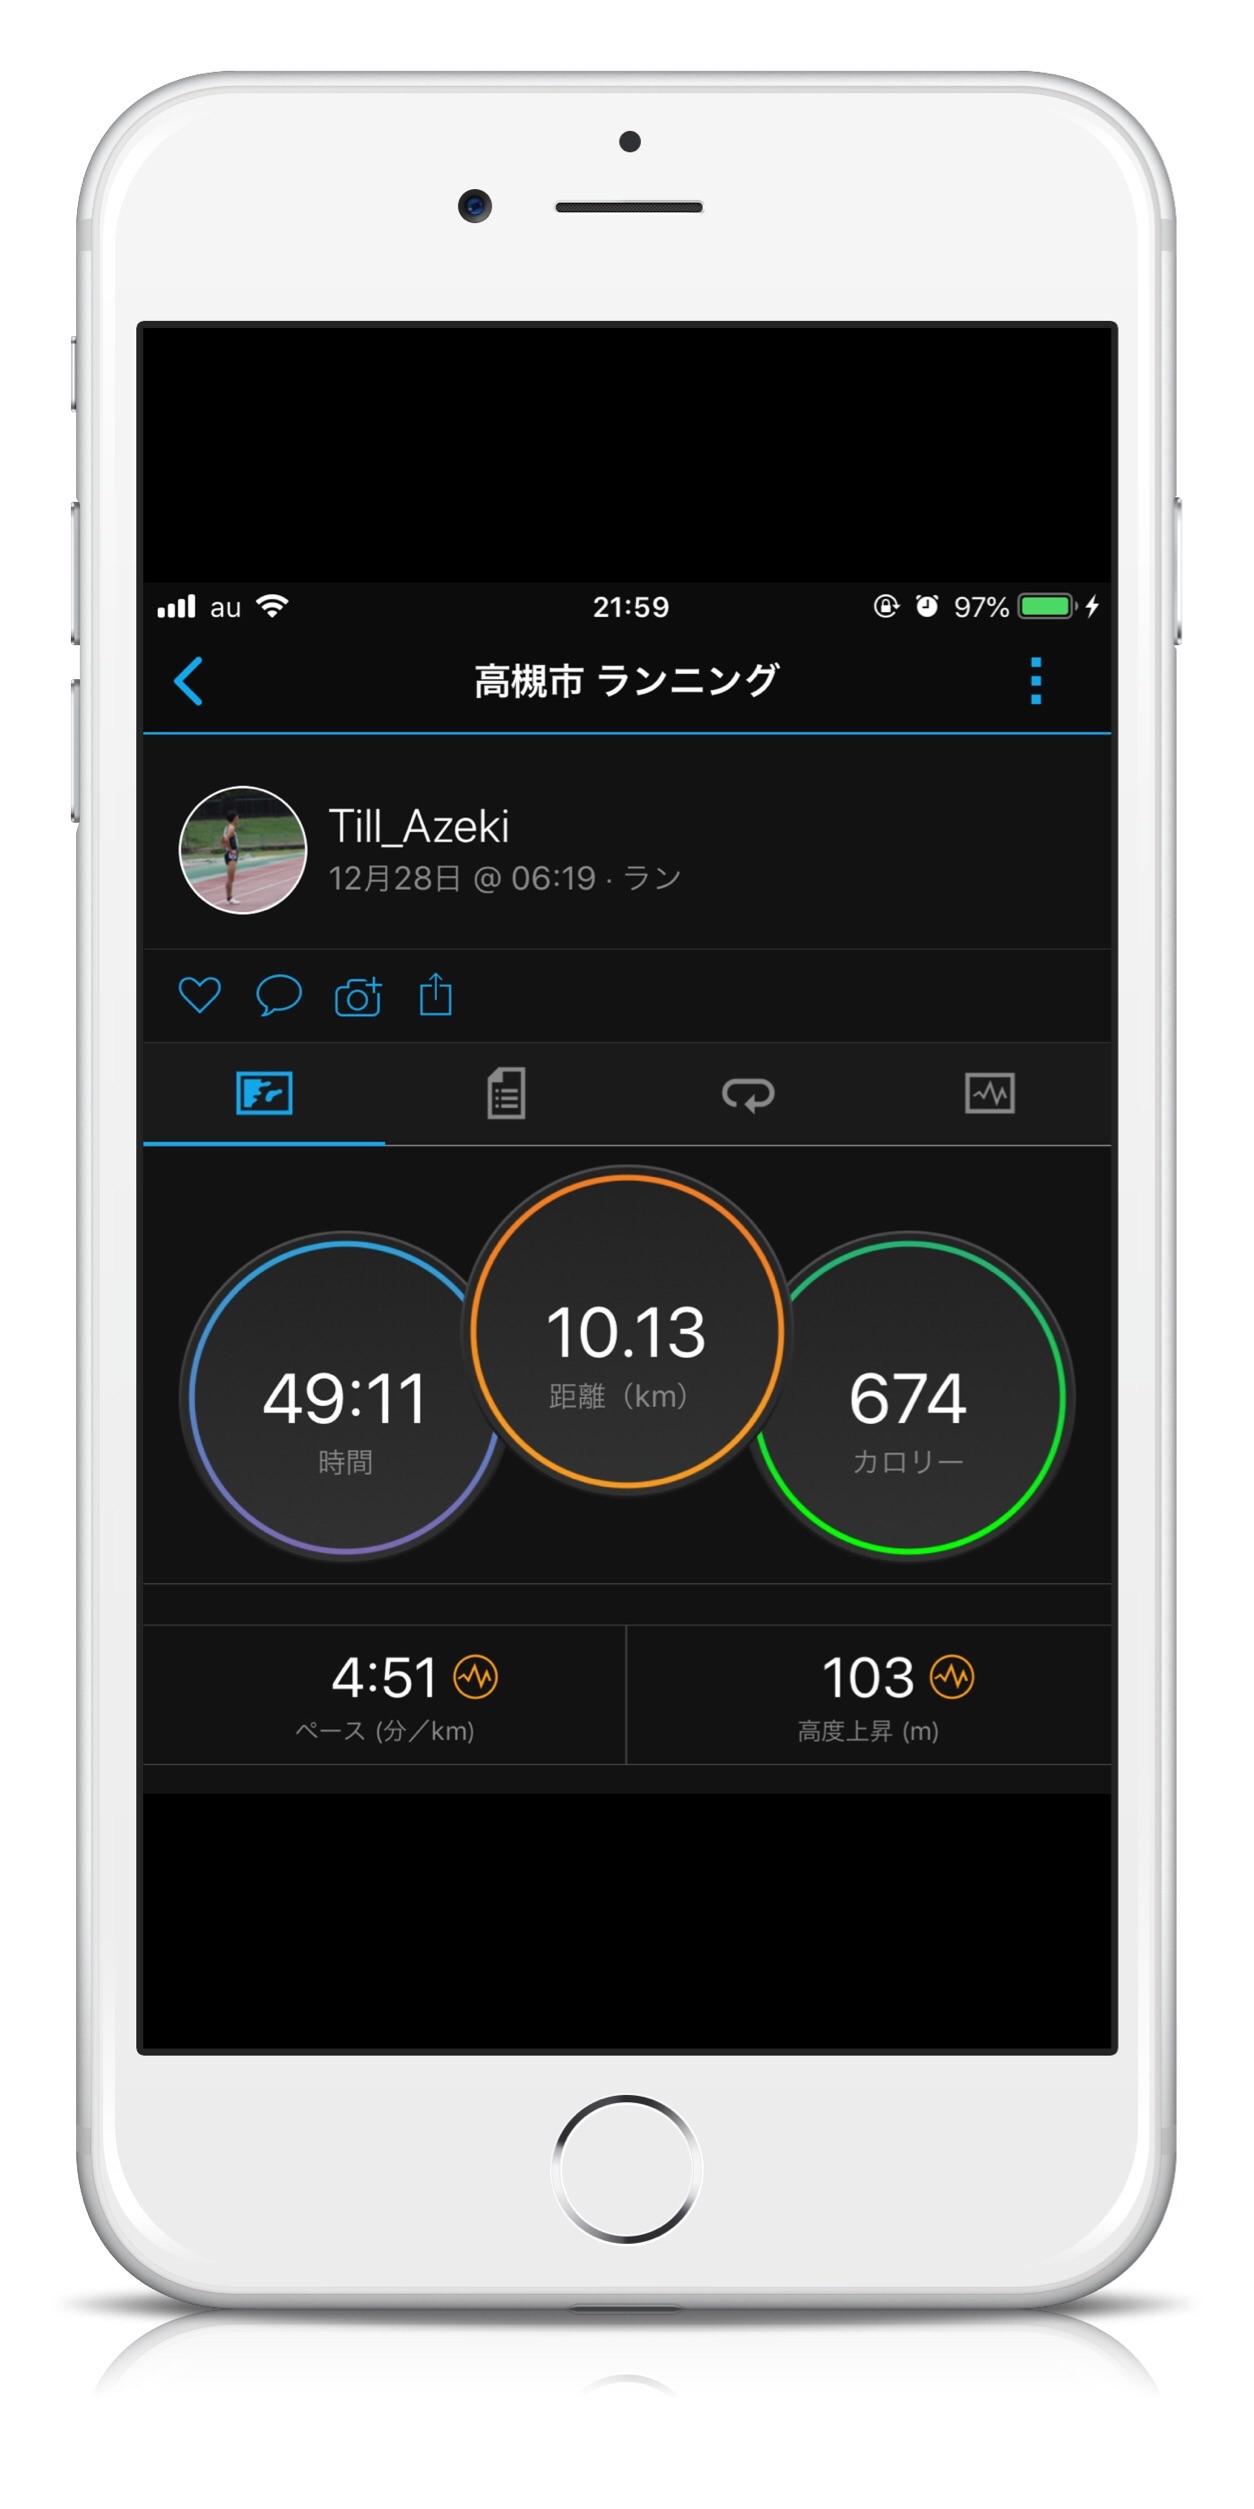 f:id:Till_Azeki:20181228225819j:image